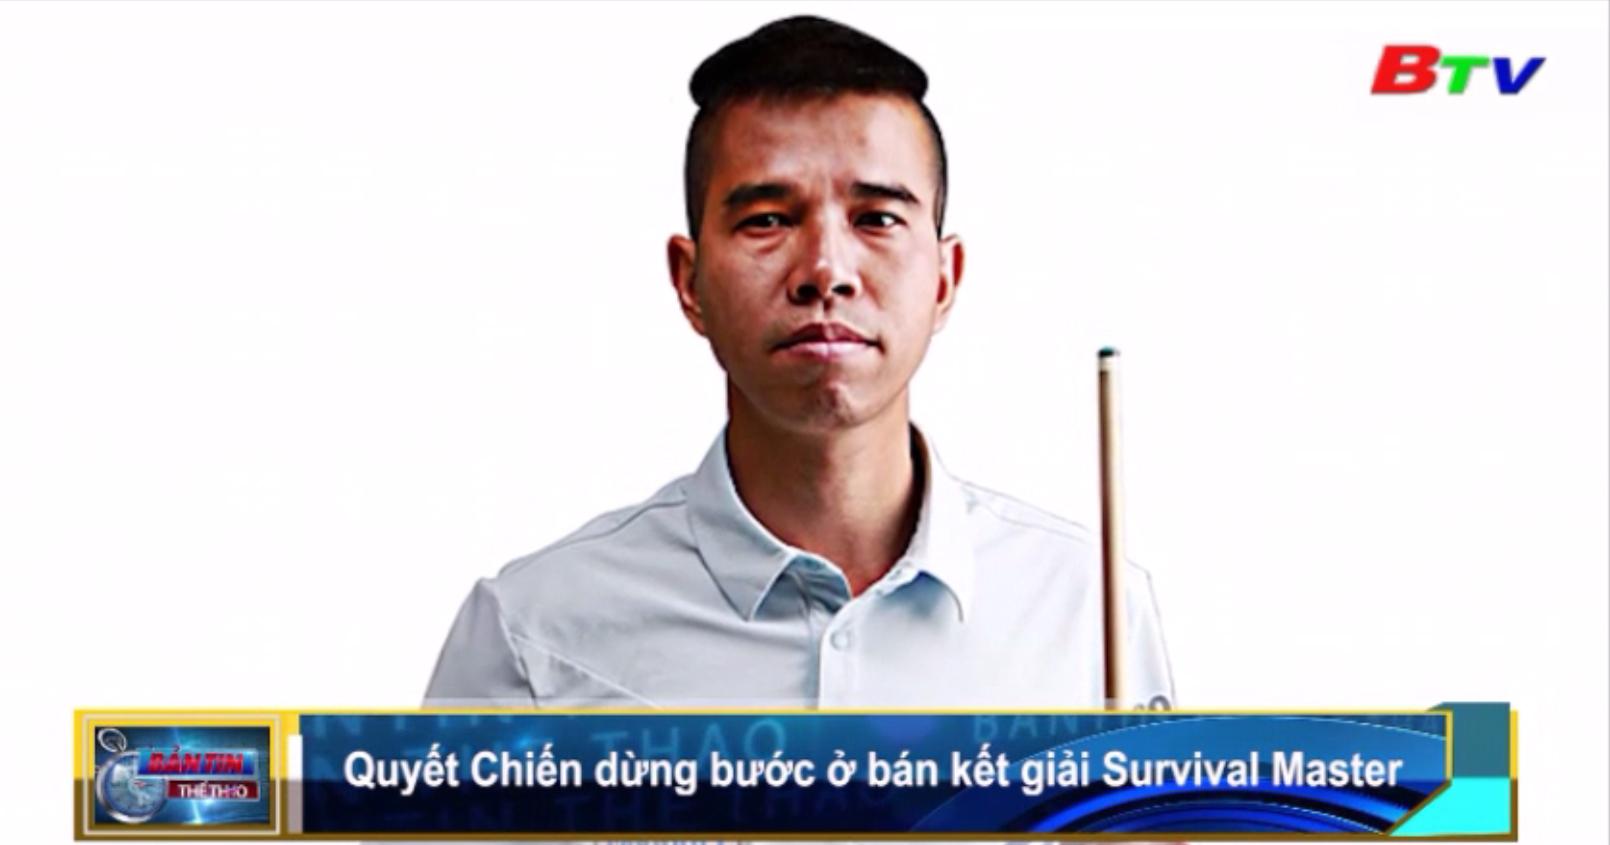 Quyết Chiến dừng bước ở bán kết giải Survival Master